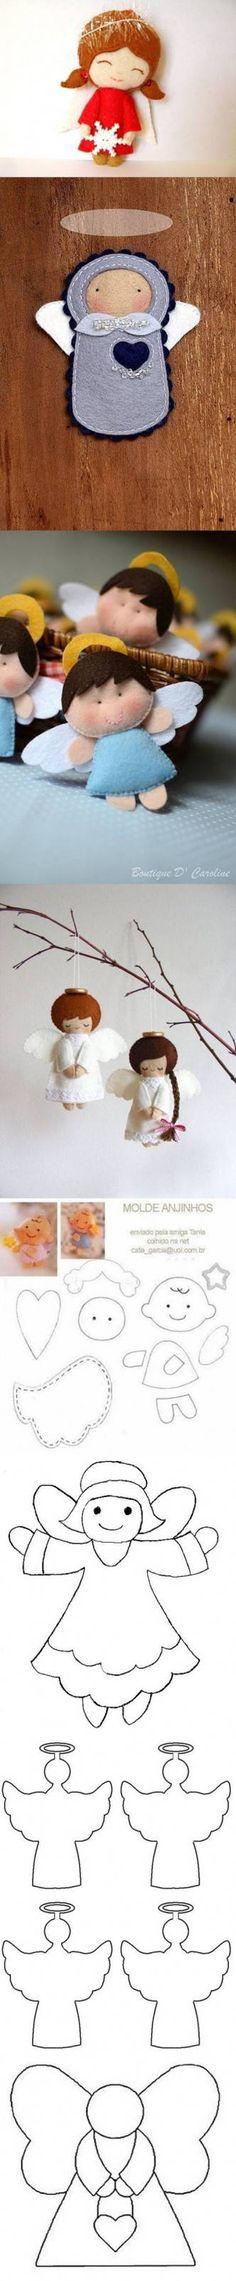 DIY Felt Angels Templates DIY Projects